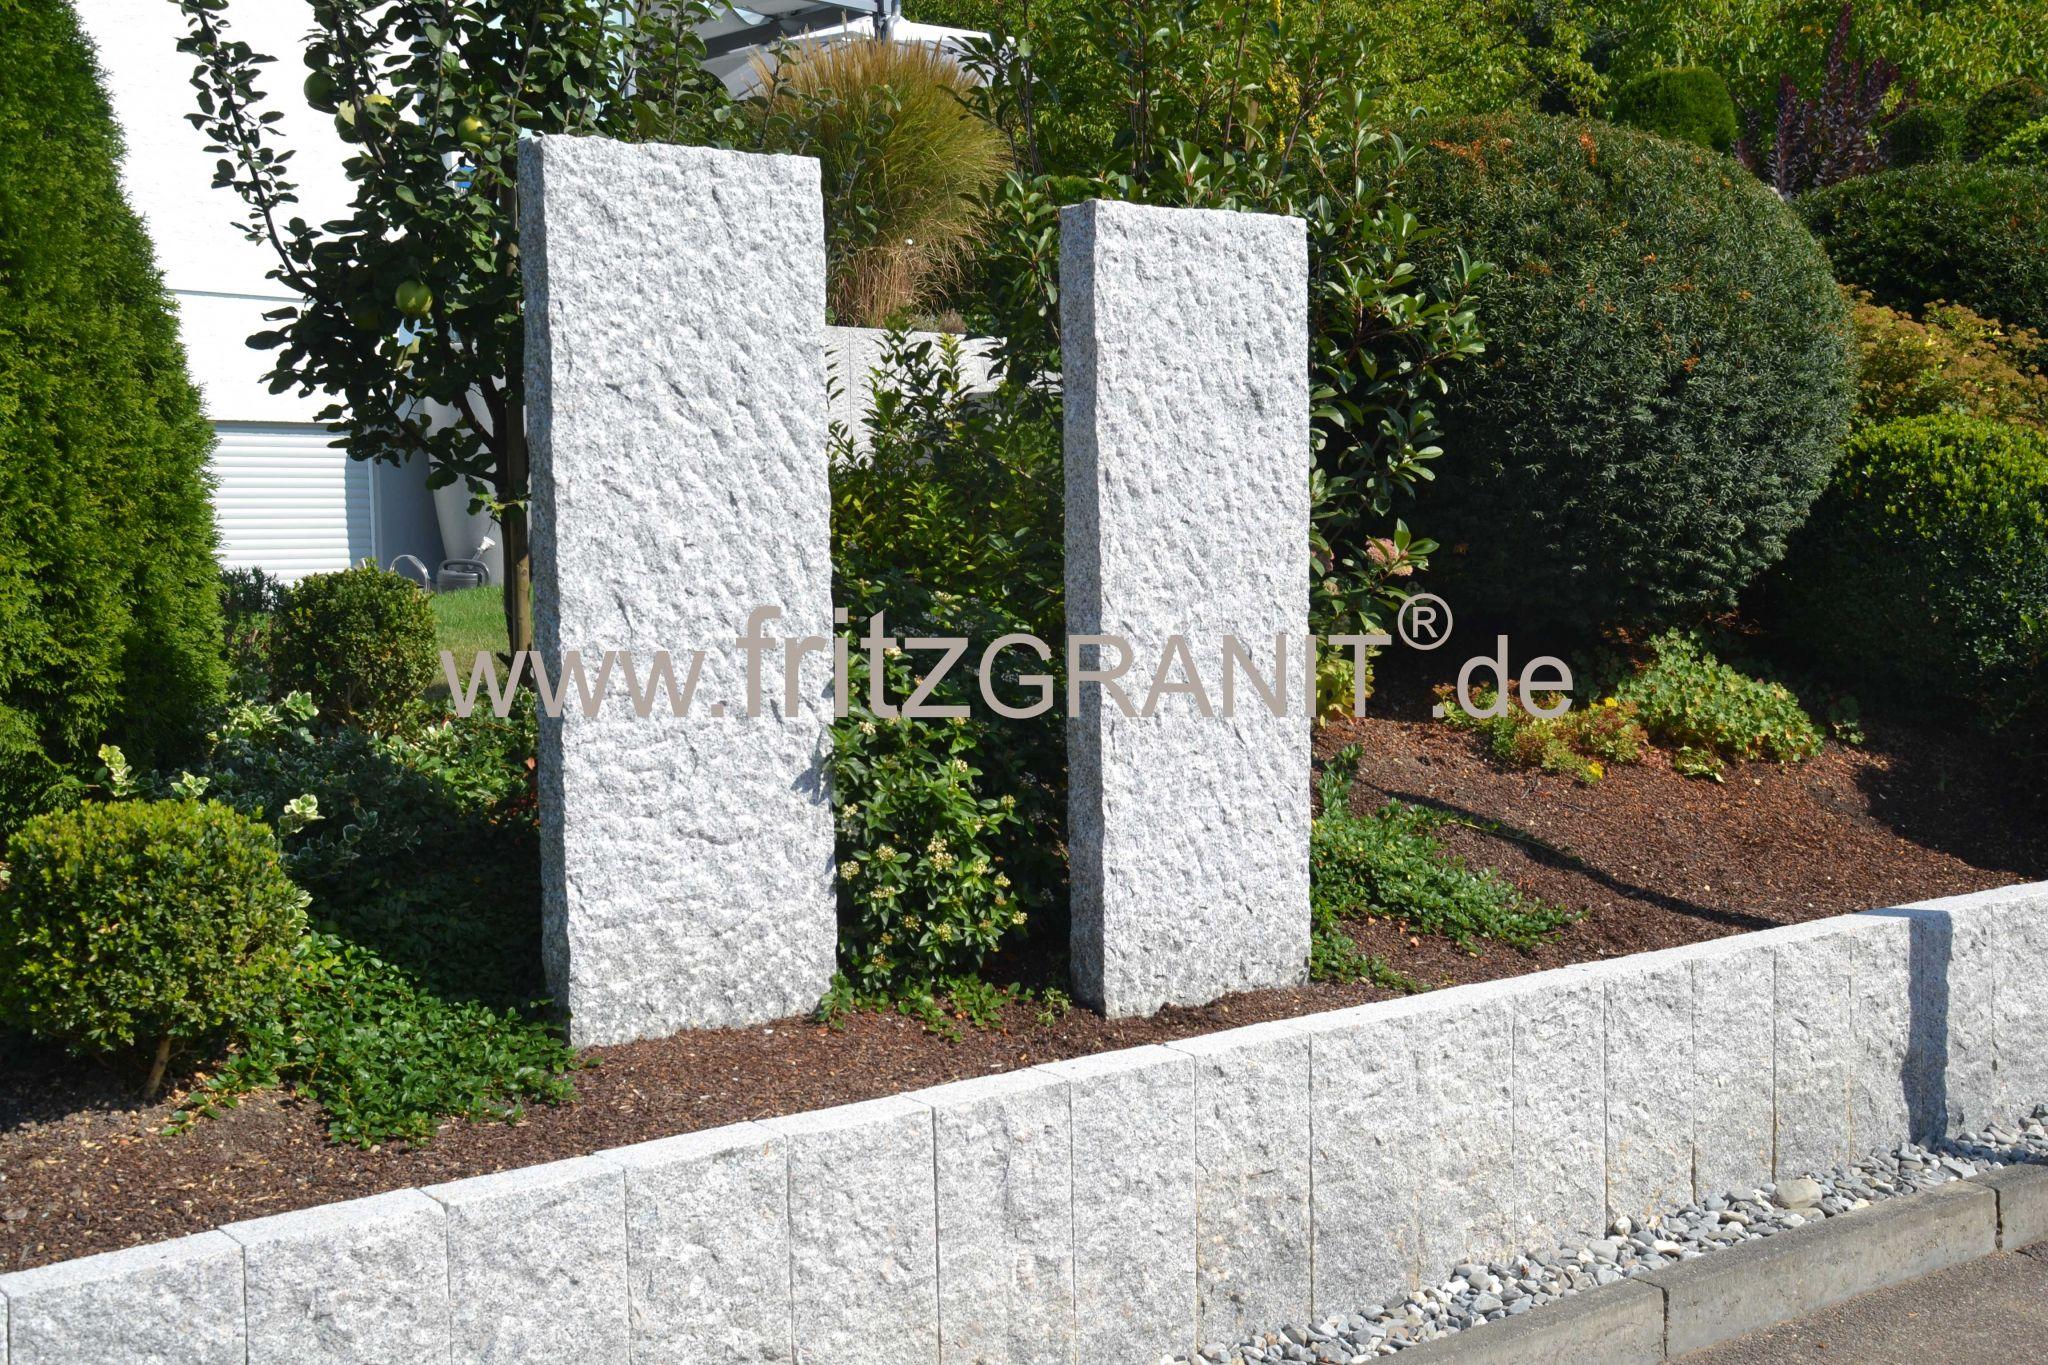 Stelen Sichtschutz Fritzgranit